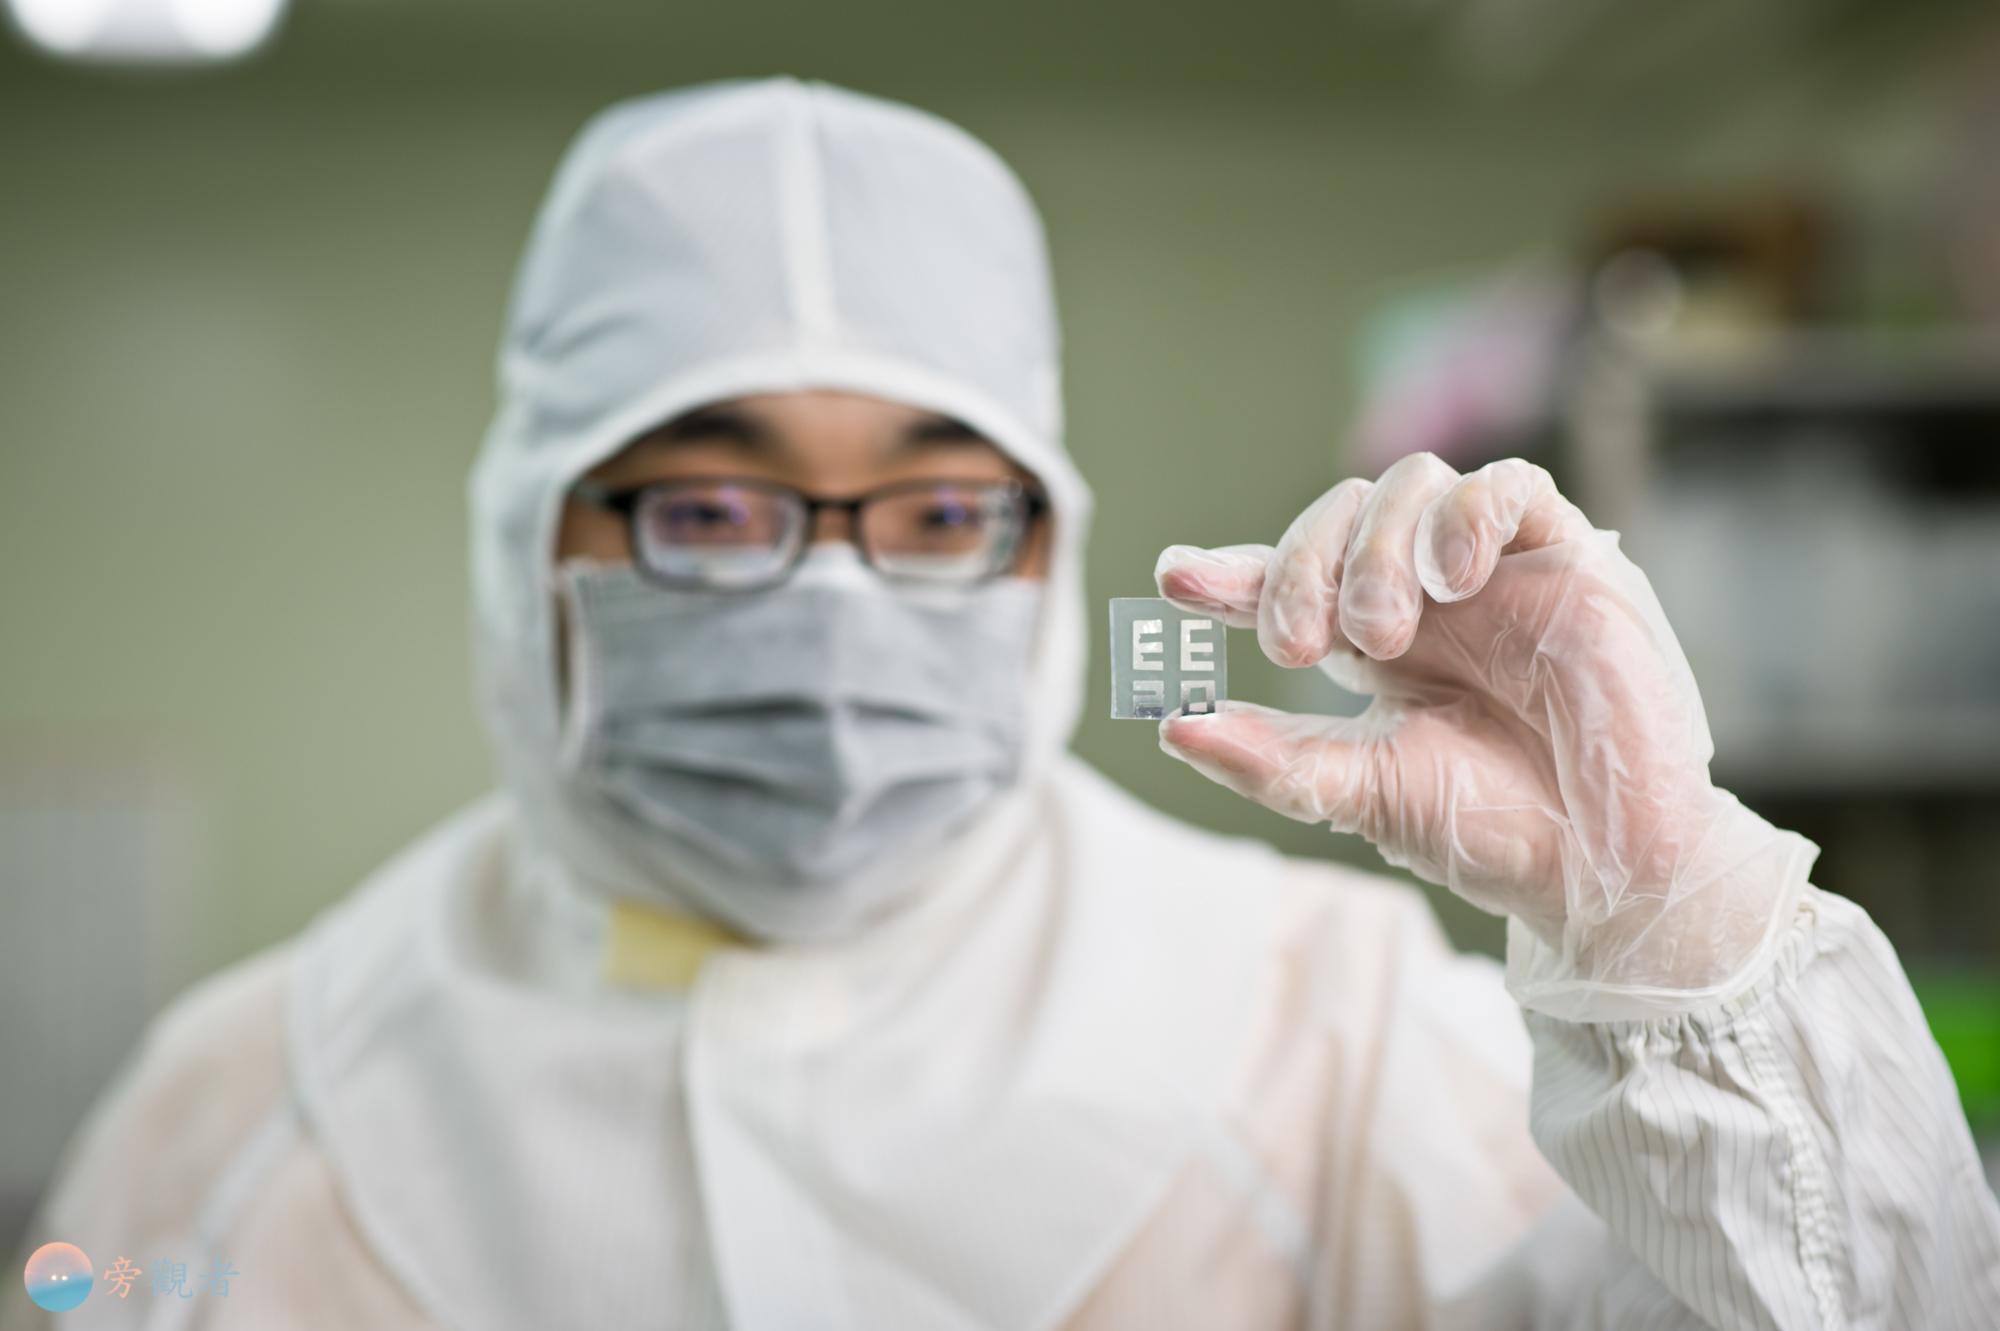 """暨南大學電機工程學系半導體實驗室的學生運用蒸鍍技術讓鋁金屬附著於玻璃表面,呈現出""""EE20""""以表示電機工程學系成立20週年。南投埔里南村"""